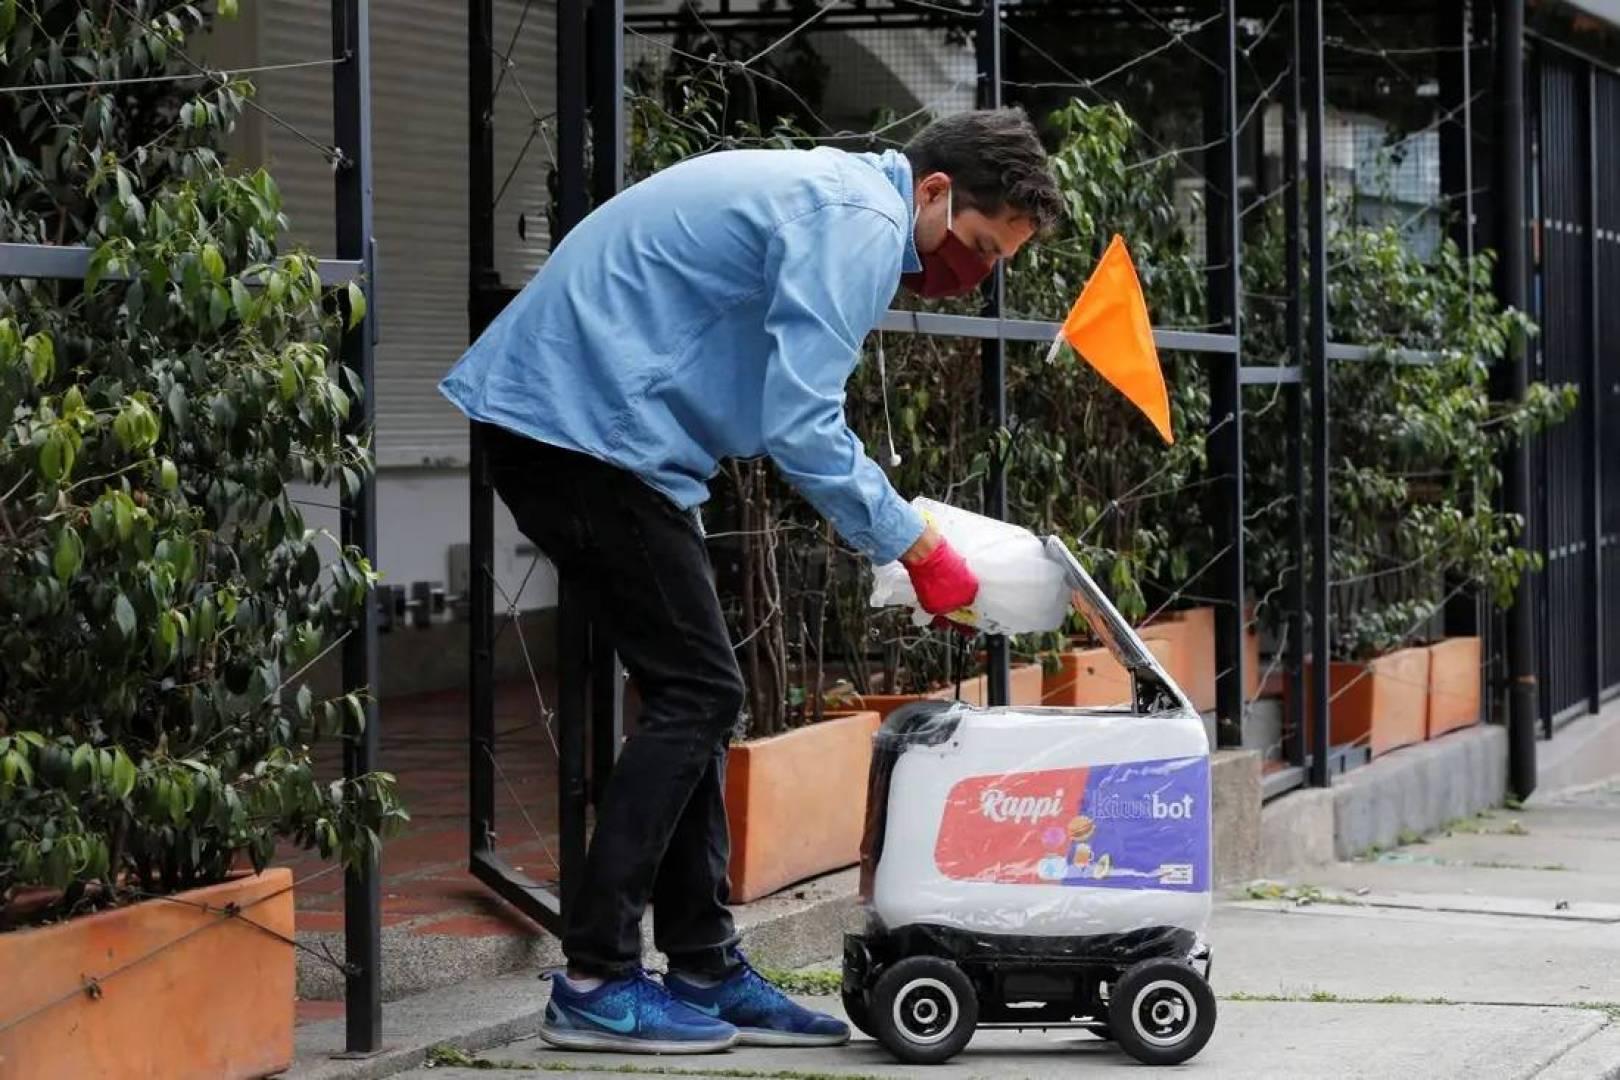 شركة كولومبية تستخدم «روبوتات» لتوصيل طلبيات المطاعم للمنازل